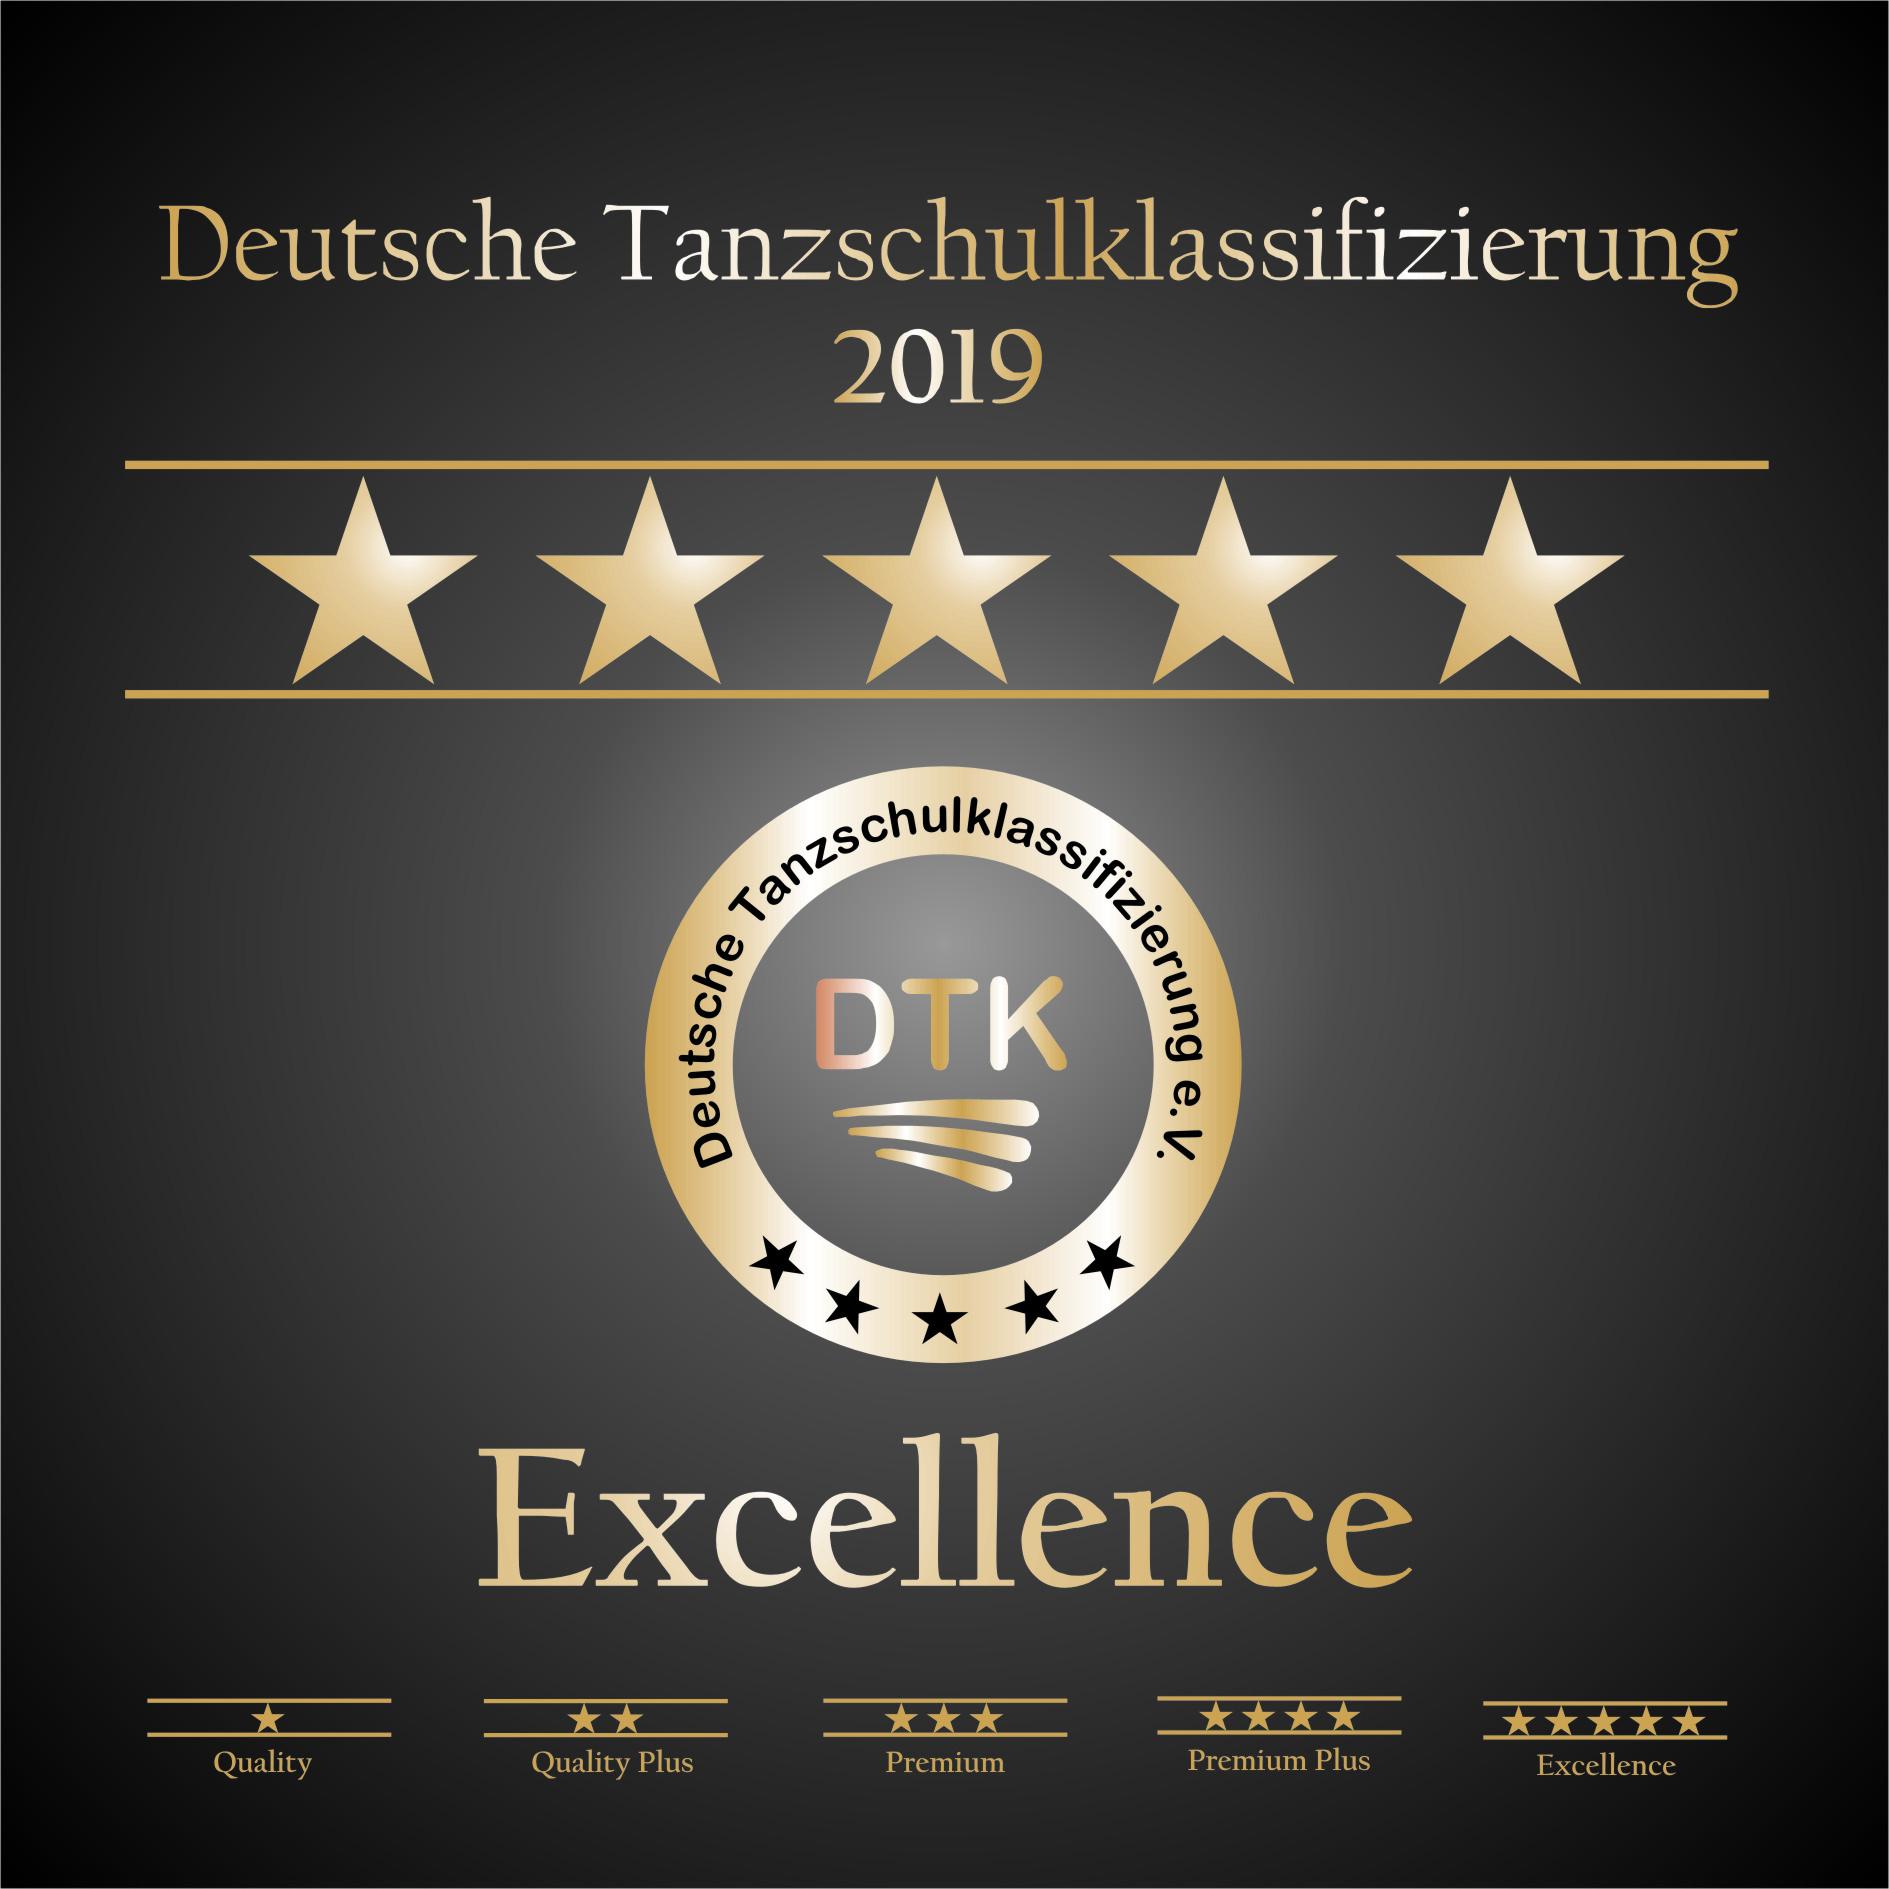 TZM Müller 5-sterne-dtk-2019